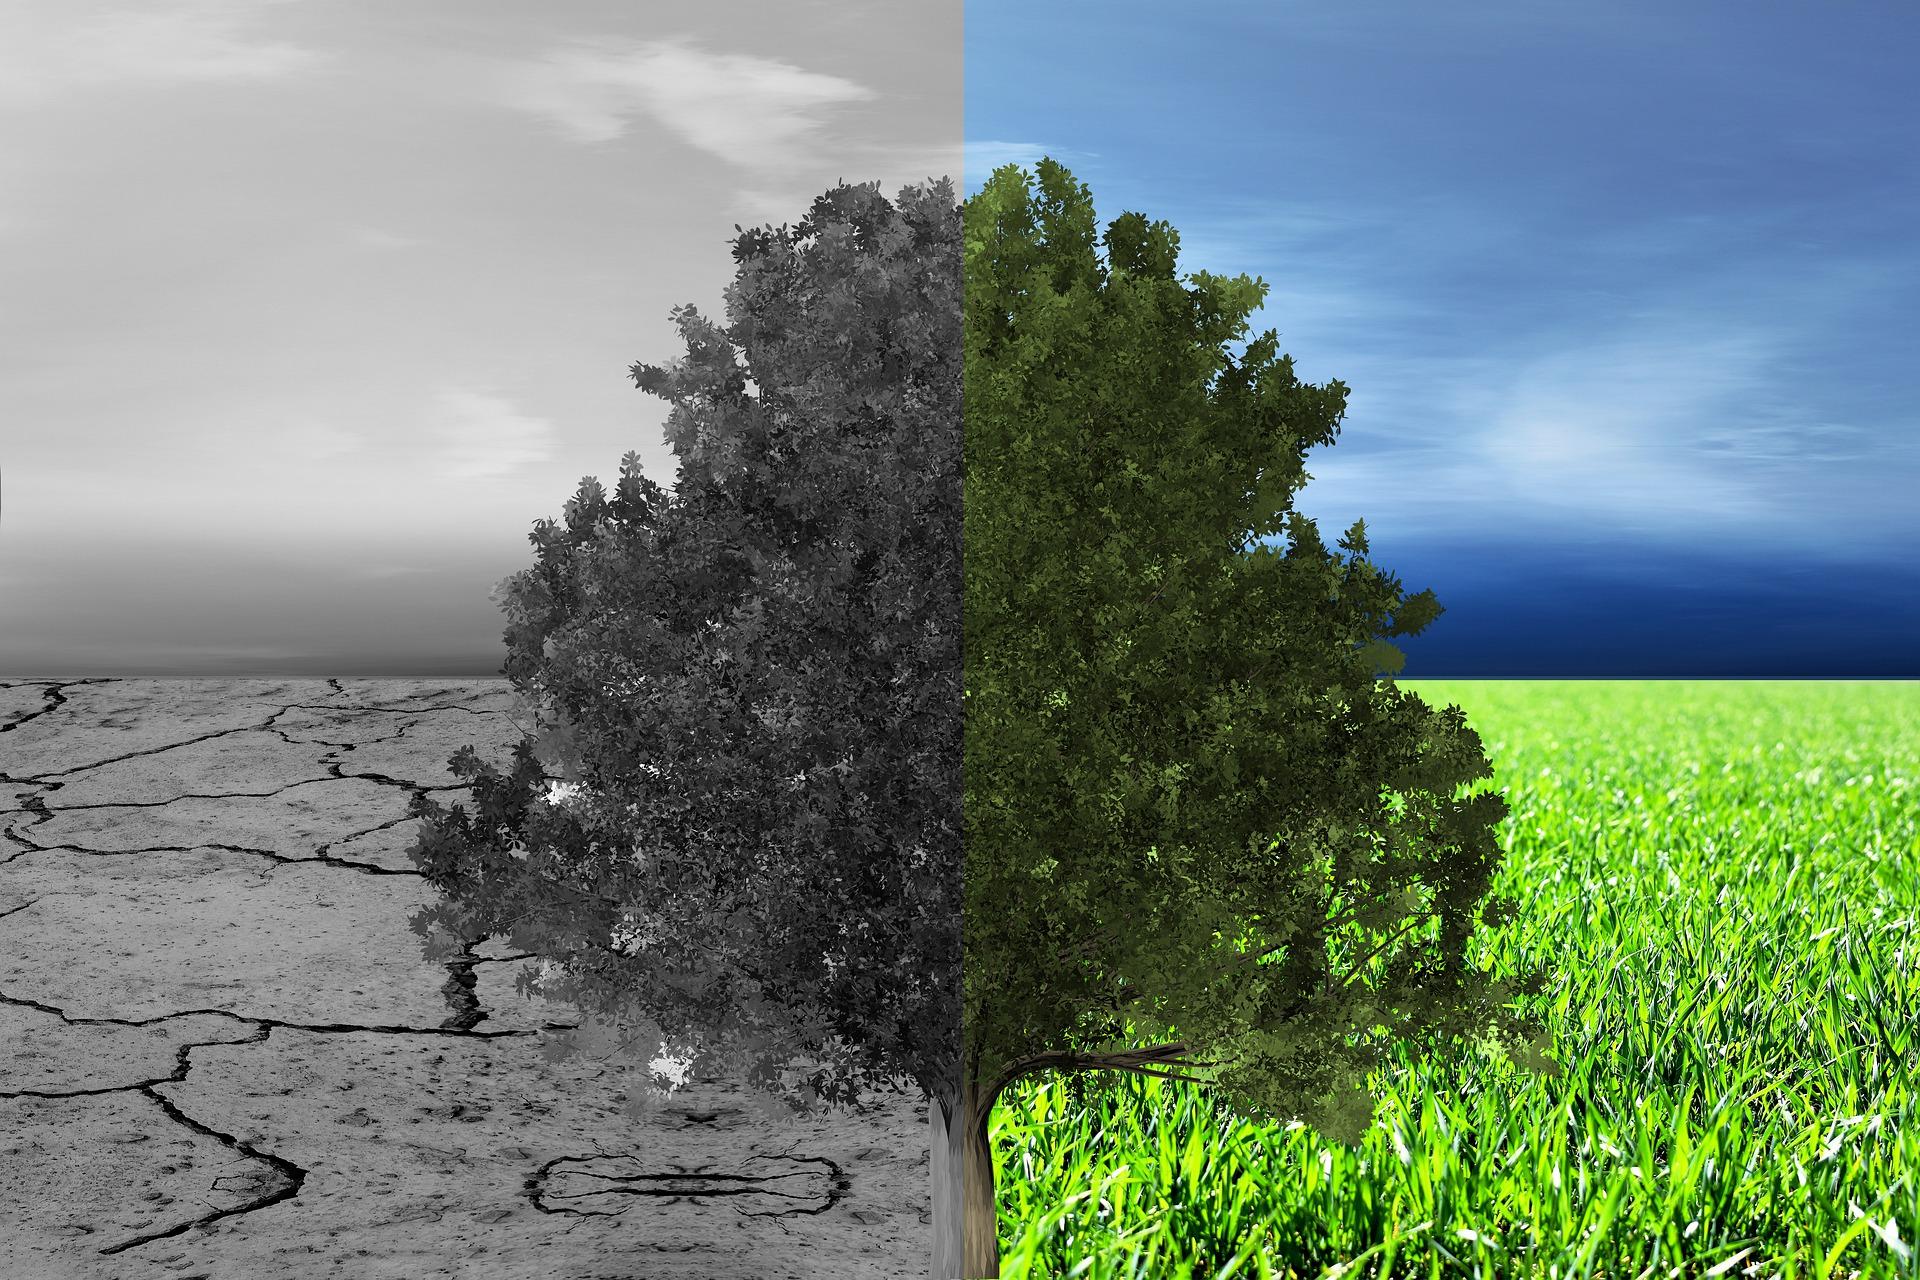 Nun doch erst in 2022: Klimaschutzmanager wird geschoben